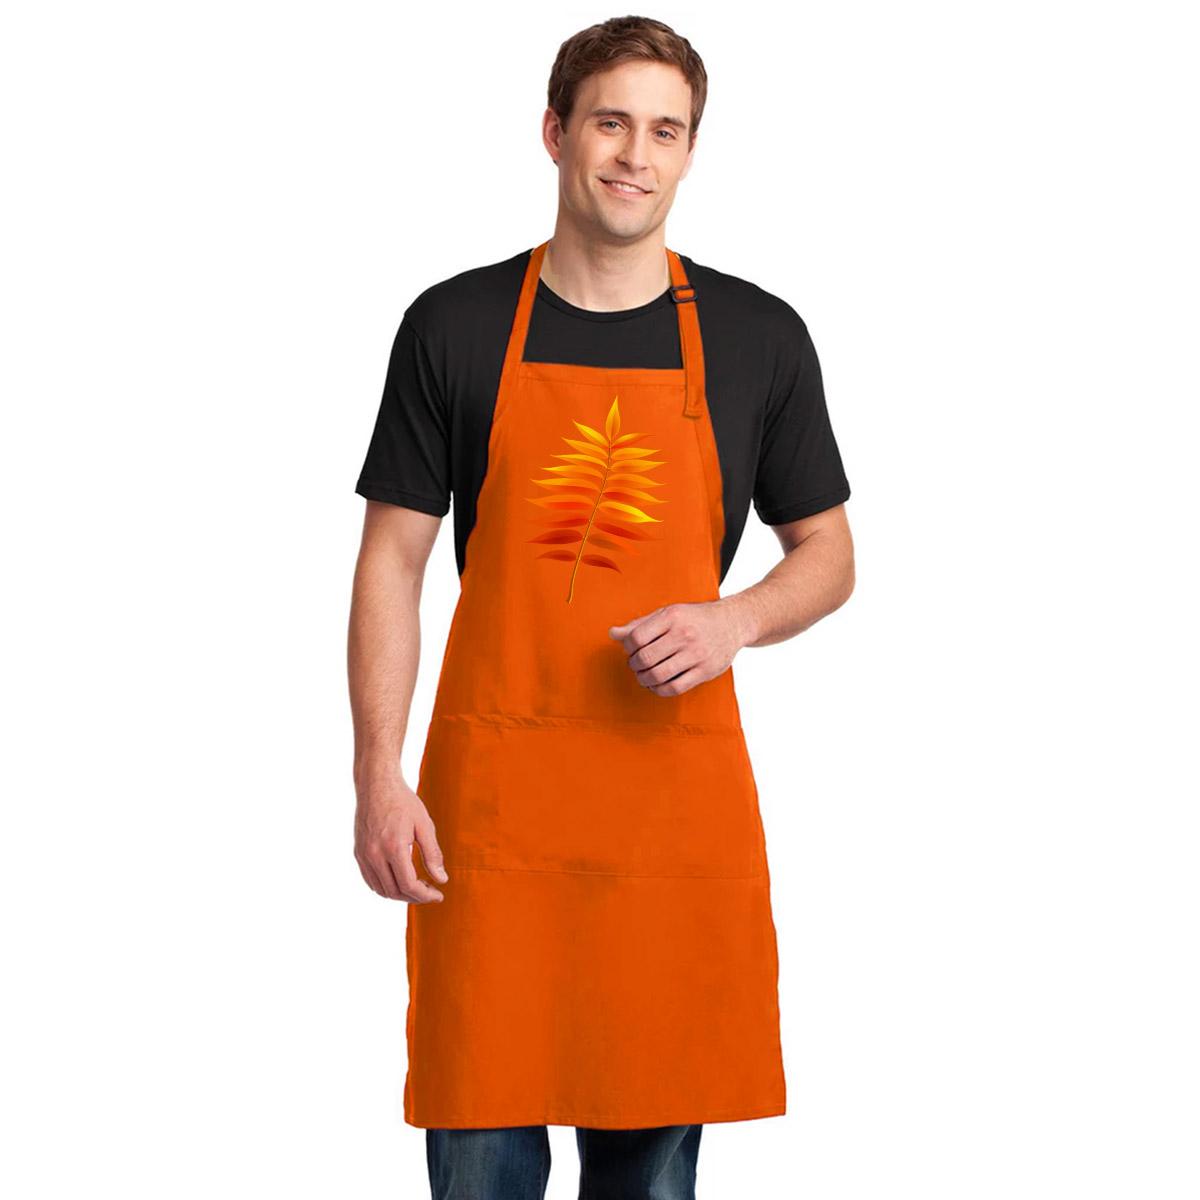 Tạp Dề Làm Bếp In Hình Họa Tiết Lá Cây Nhiều Màu Sắc - Mẫu016